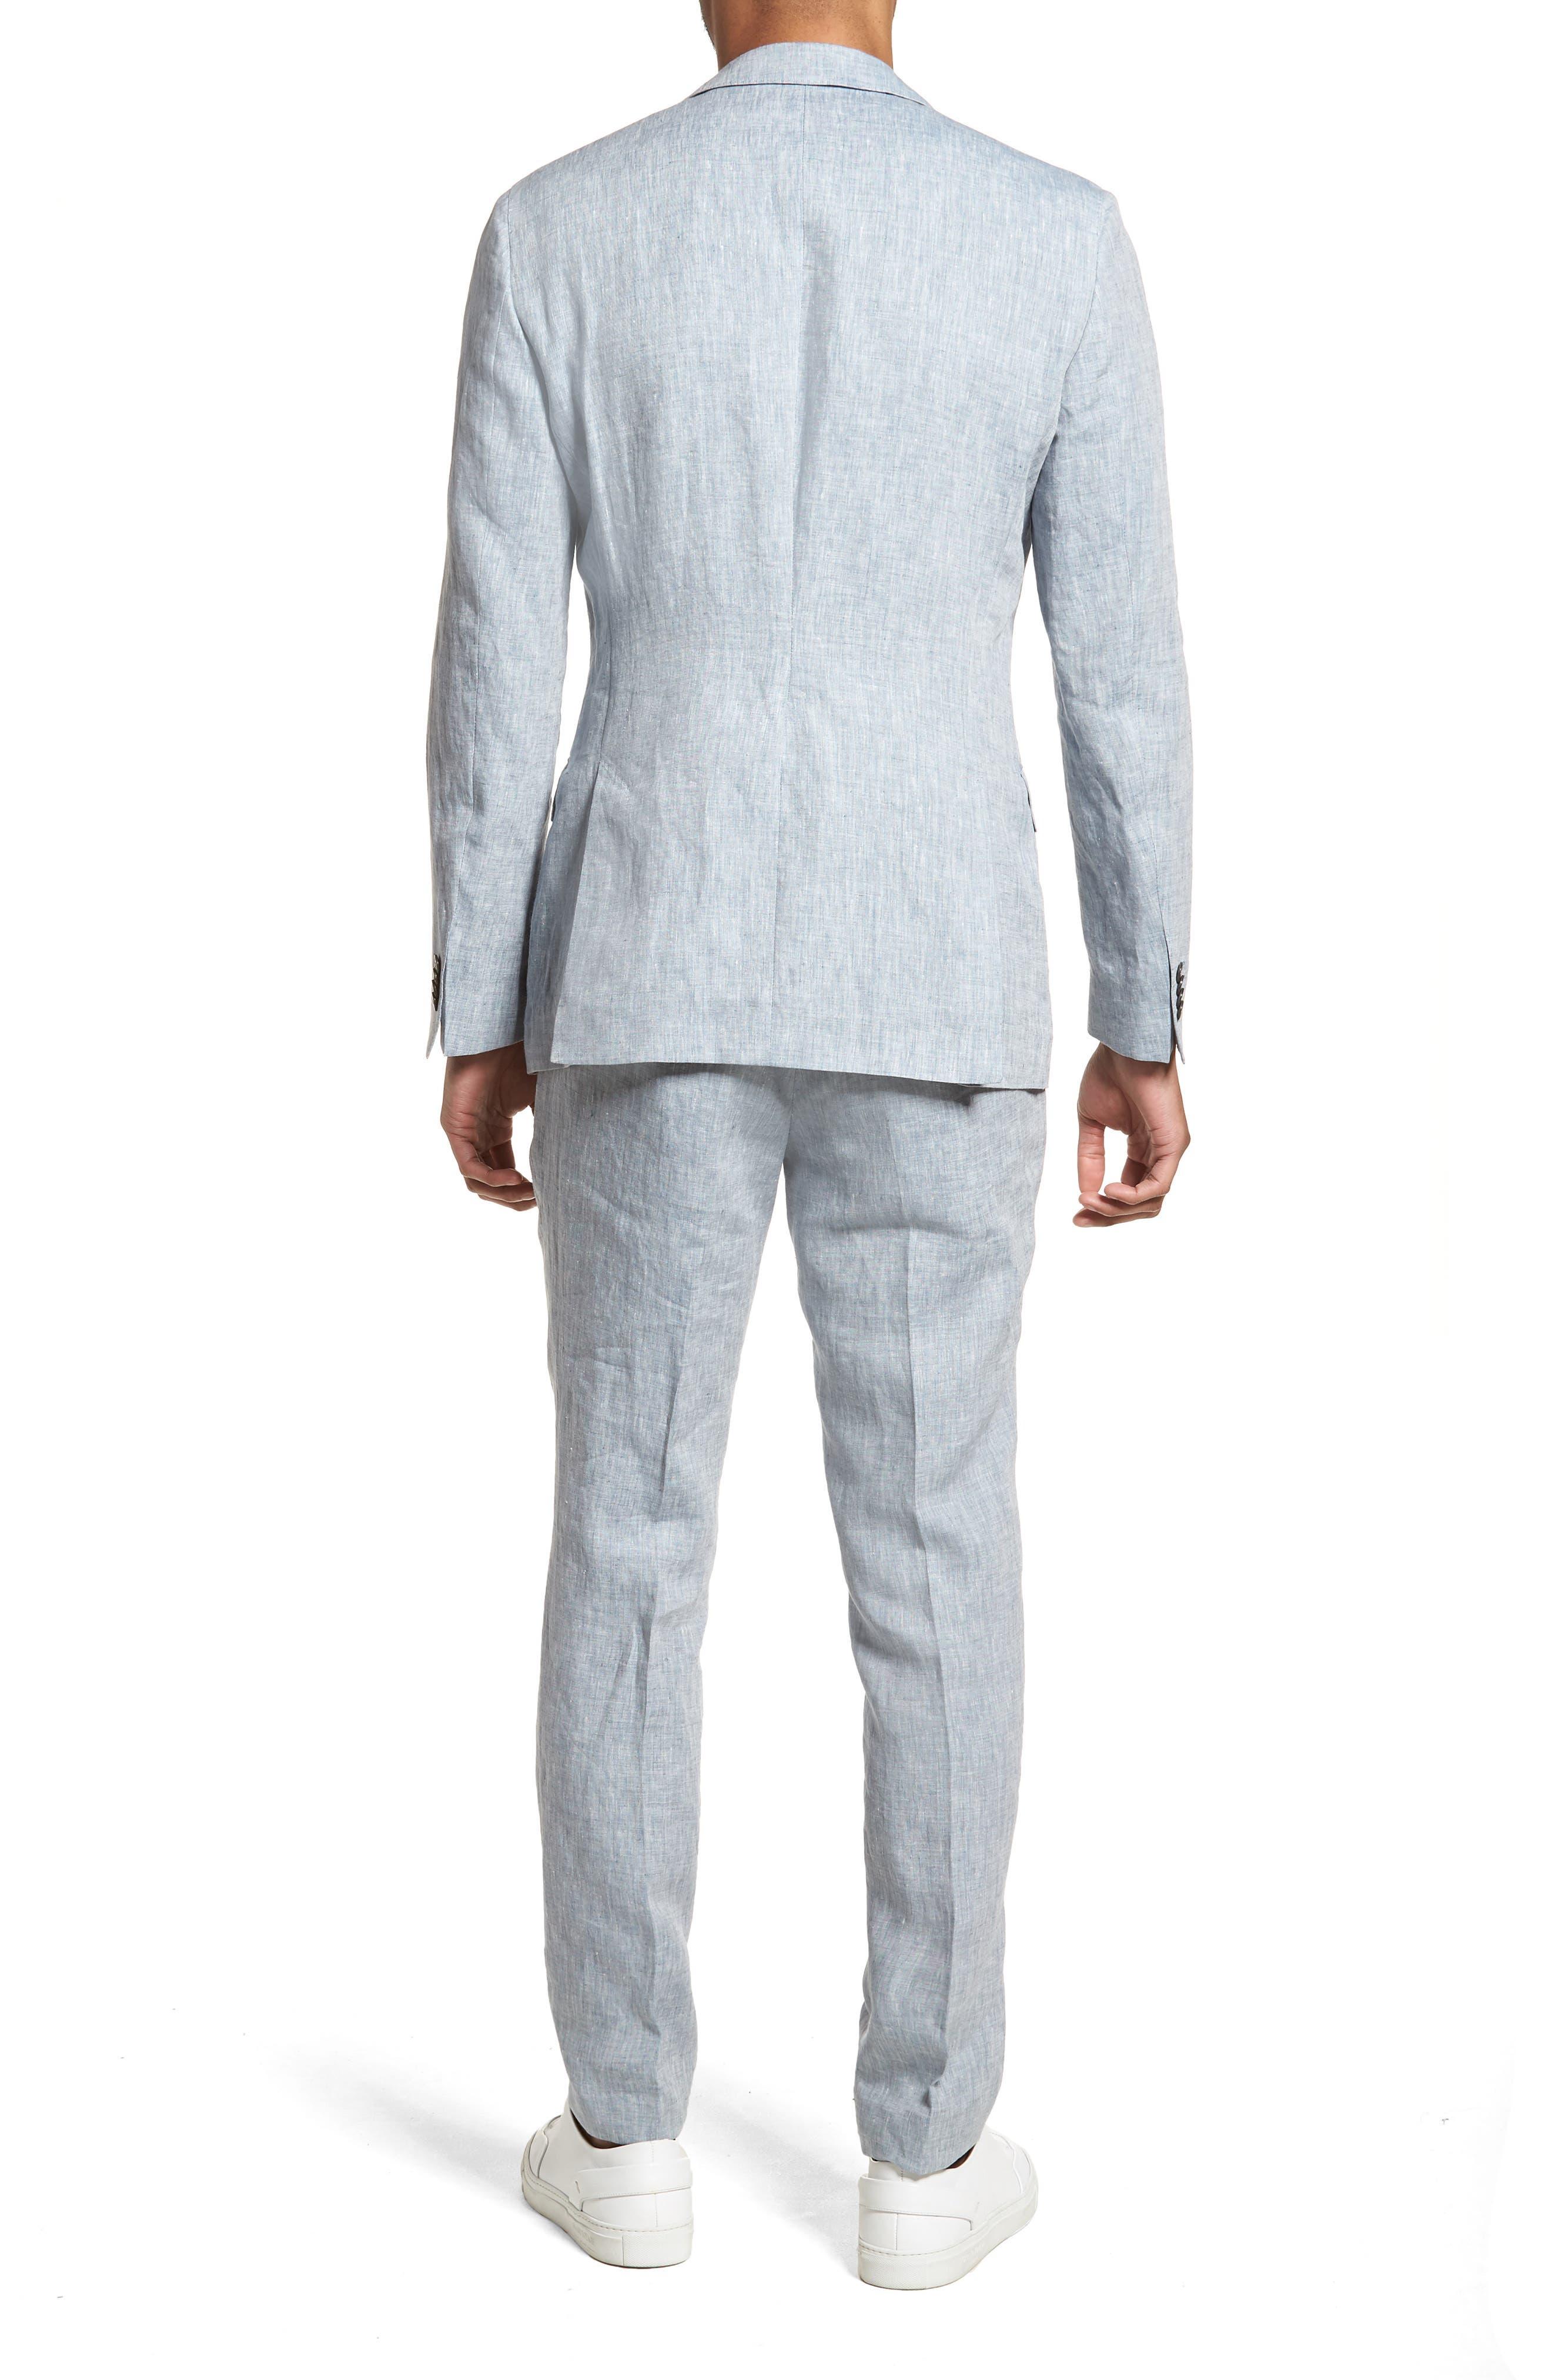 Helford/Gander Trim Fit Solid Linen Suit,                             Alternate thumbnail 2, color,                             Light Blue